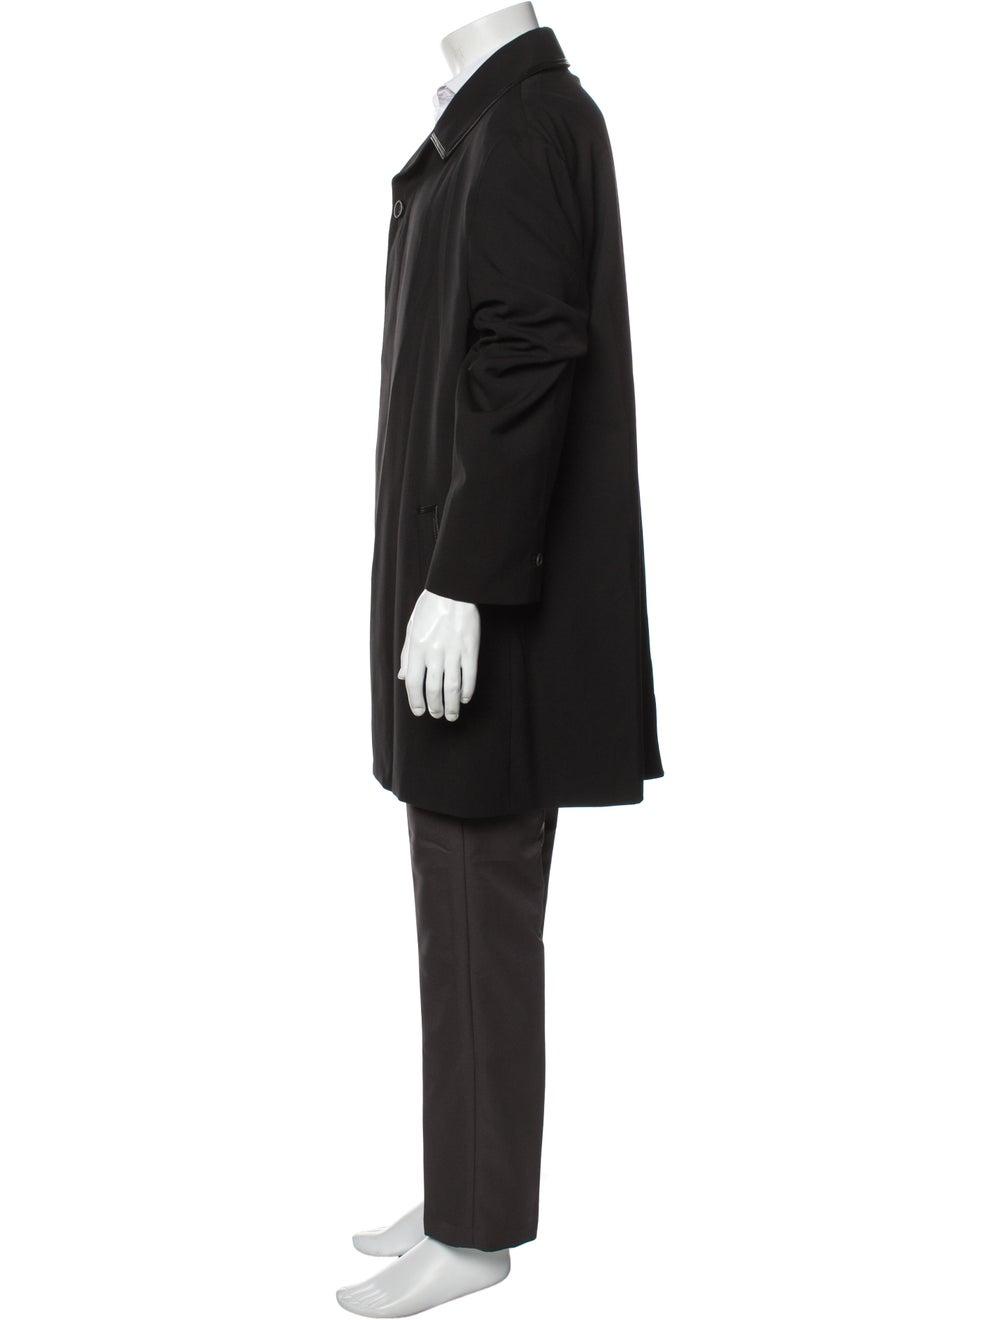 Gianni Versace Overcoat Black - image 2